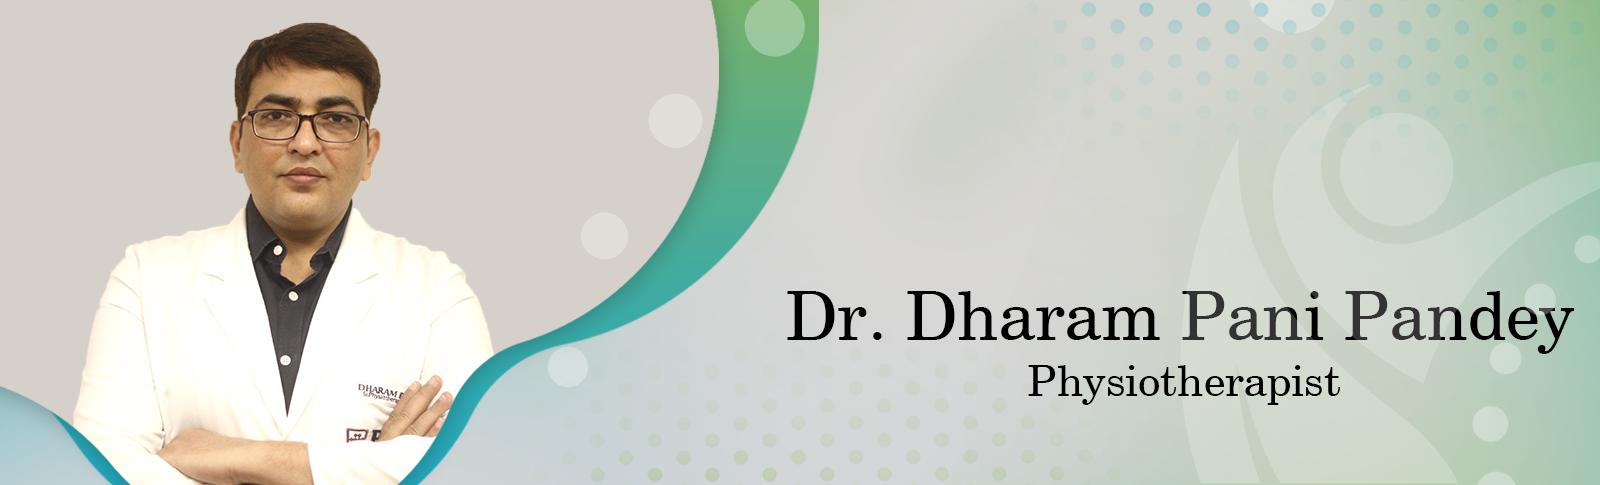 Dr. Dharam Pani Pandey